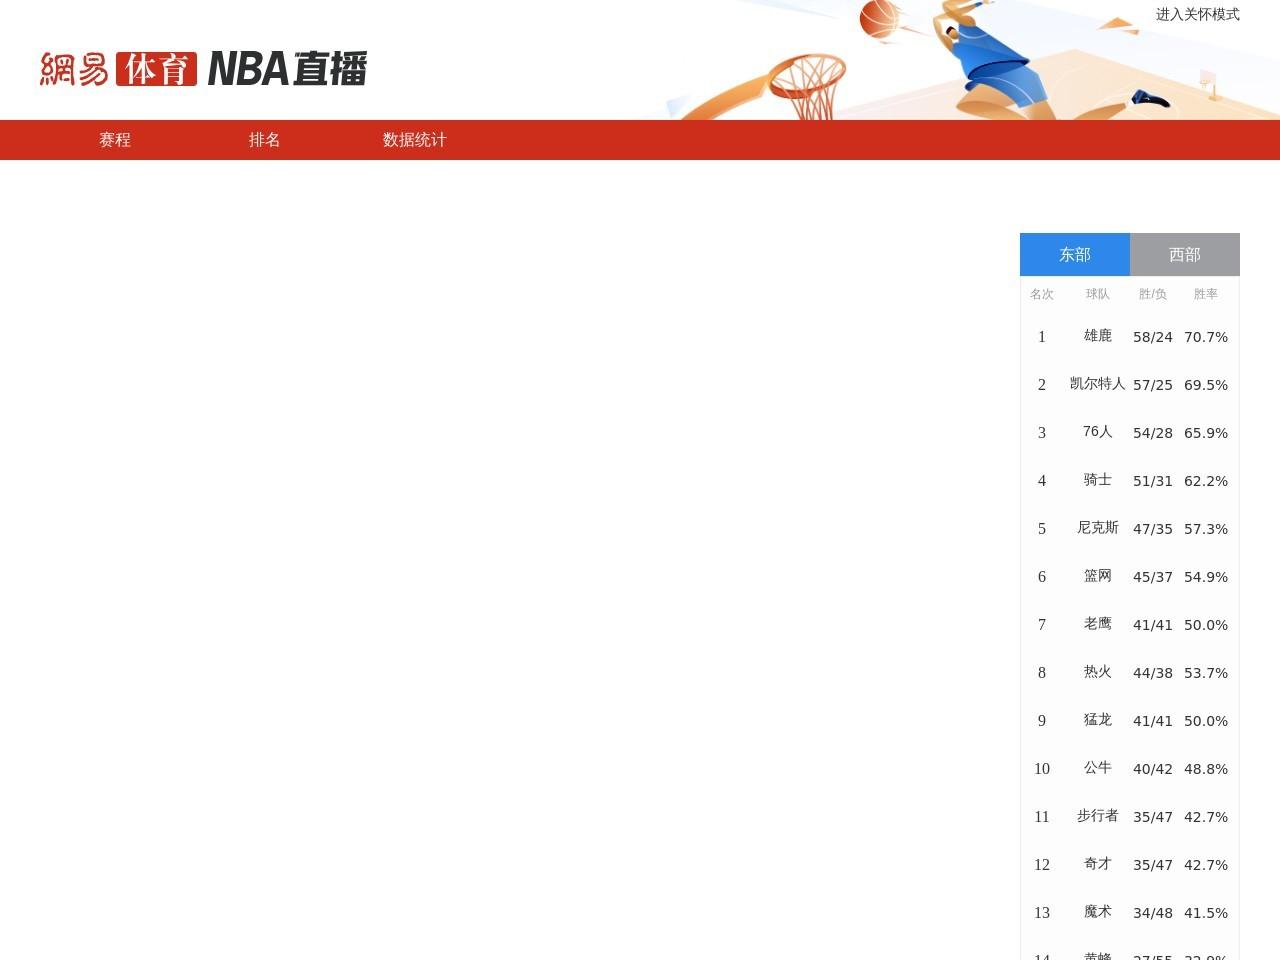 网易NBA直播系统